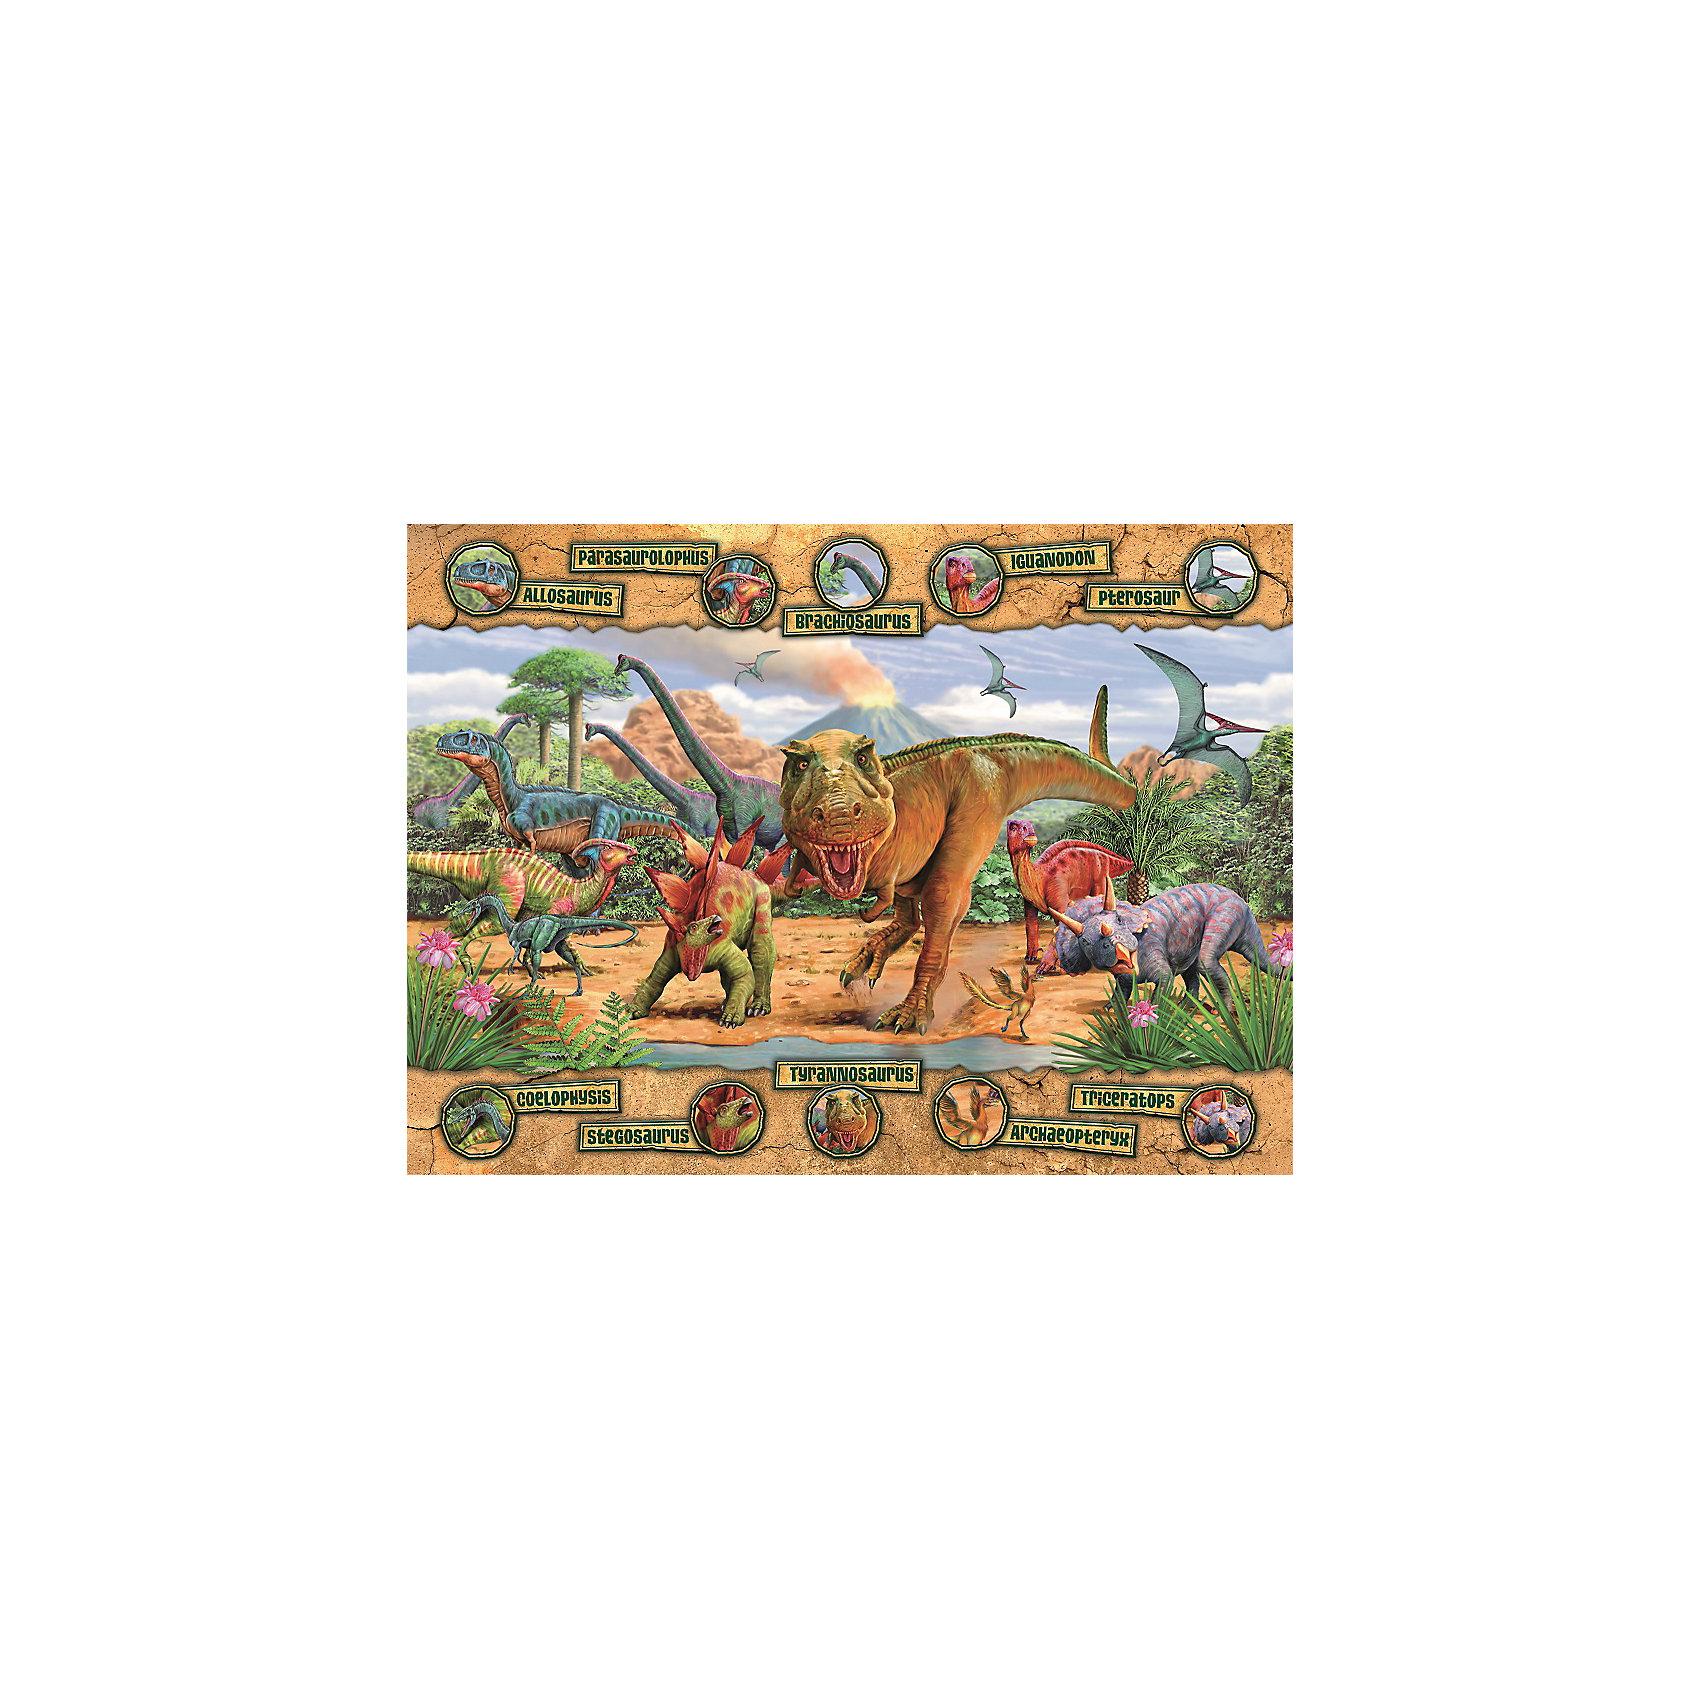 Пазл «Динозавры» XXL 100 деталей, RavensburgerПазлы для малышей<br>Пазл «Динозавры» XXL 100 деталей, Ravensburger (Равенсбургер) – яркий детский пазл, который понравится всем членам семьи.<br>Собрав пазл «Динозавры» ребенок получит замечательную картинку с изображением динозавров и названиями их основных видов. Пазл состоит из 100 качественных крупных картонных деталей, которые не ломаются, не подвергаются деформации при сборке. Каждая деталь имеет свою форму и подходит только на свое место. Элементы пазла идеально соединяются друг с другом, не отслаиваются с течением времени. Матовая поверхность исключает отблески. Пазлы Ravensburger (Равенсбургер)- это высочайшее качество картона и полиграфии. Пазлы - замечательная развивающая игра для детей. Собирание пазла развивает у ребенка мелкую моторику рук, тренирует наблюдательность, логическое мышление, знакомит с окружающим миром, с цветом и разнообразными формами, учит усидчивости и терпению, аккуратности и вниманию.<br><br>Дополнительная информация:<br><br>- Количество деталей: 100 шт.<br>- Размер картинки: 49 х 36 см.<br>- Материал: картон<br>- Размер упаковки: 34 х 23 х 4 см.<br>- Вес: 567 гр.<br><br>Пазл «Динозавры» XXL 100 деталей, Ravensburger (Равенсбургер) можно купить в нашем интернет-магазине.<br><br>Ширина мм: 340<br>Глубина мм: 230<br>Высота мм: 40<br>Вес г: 567<br>Возраст от месяцев: 72<br>Возраст до месяцев: 144<br>Пол: Унисекс<br>Возраст: Детский<br>Количество деталей: 100<br>SKU: 4214565